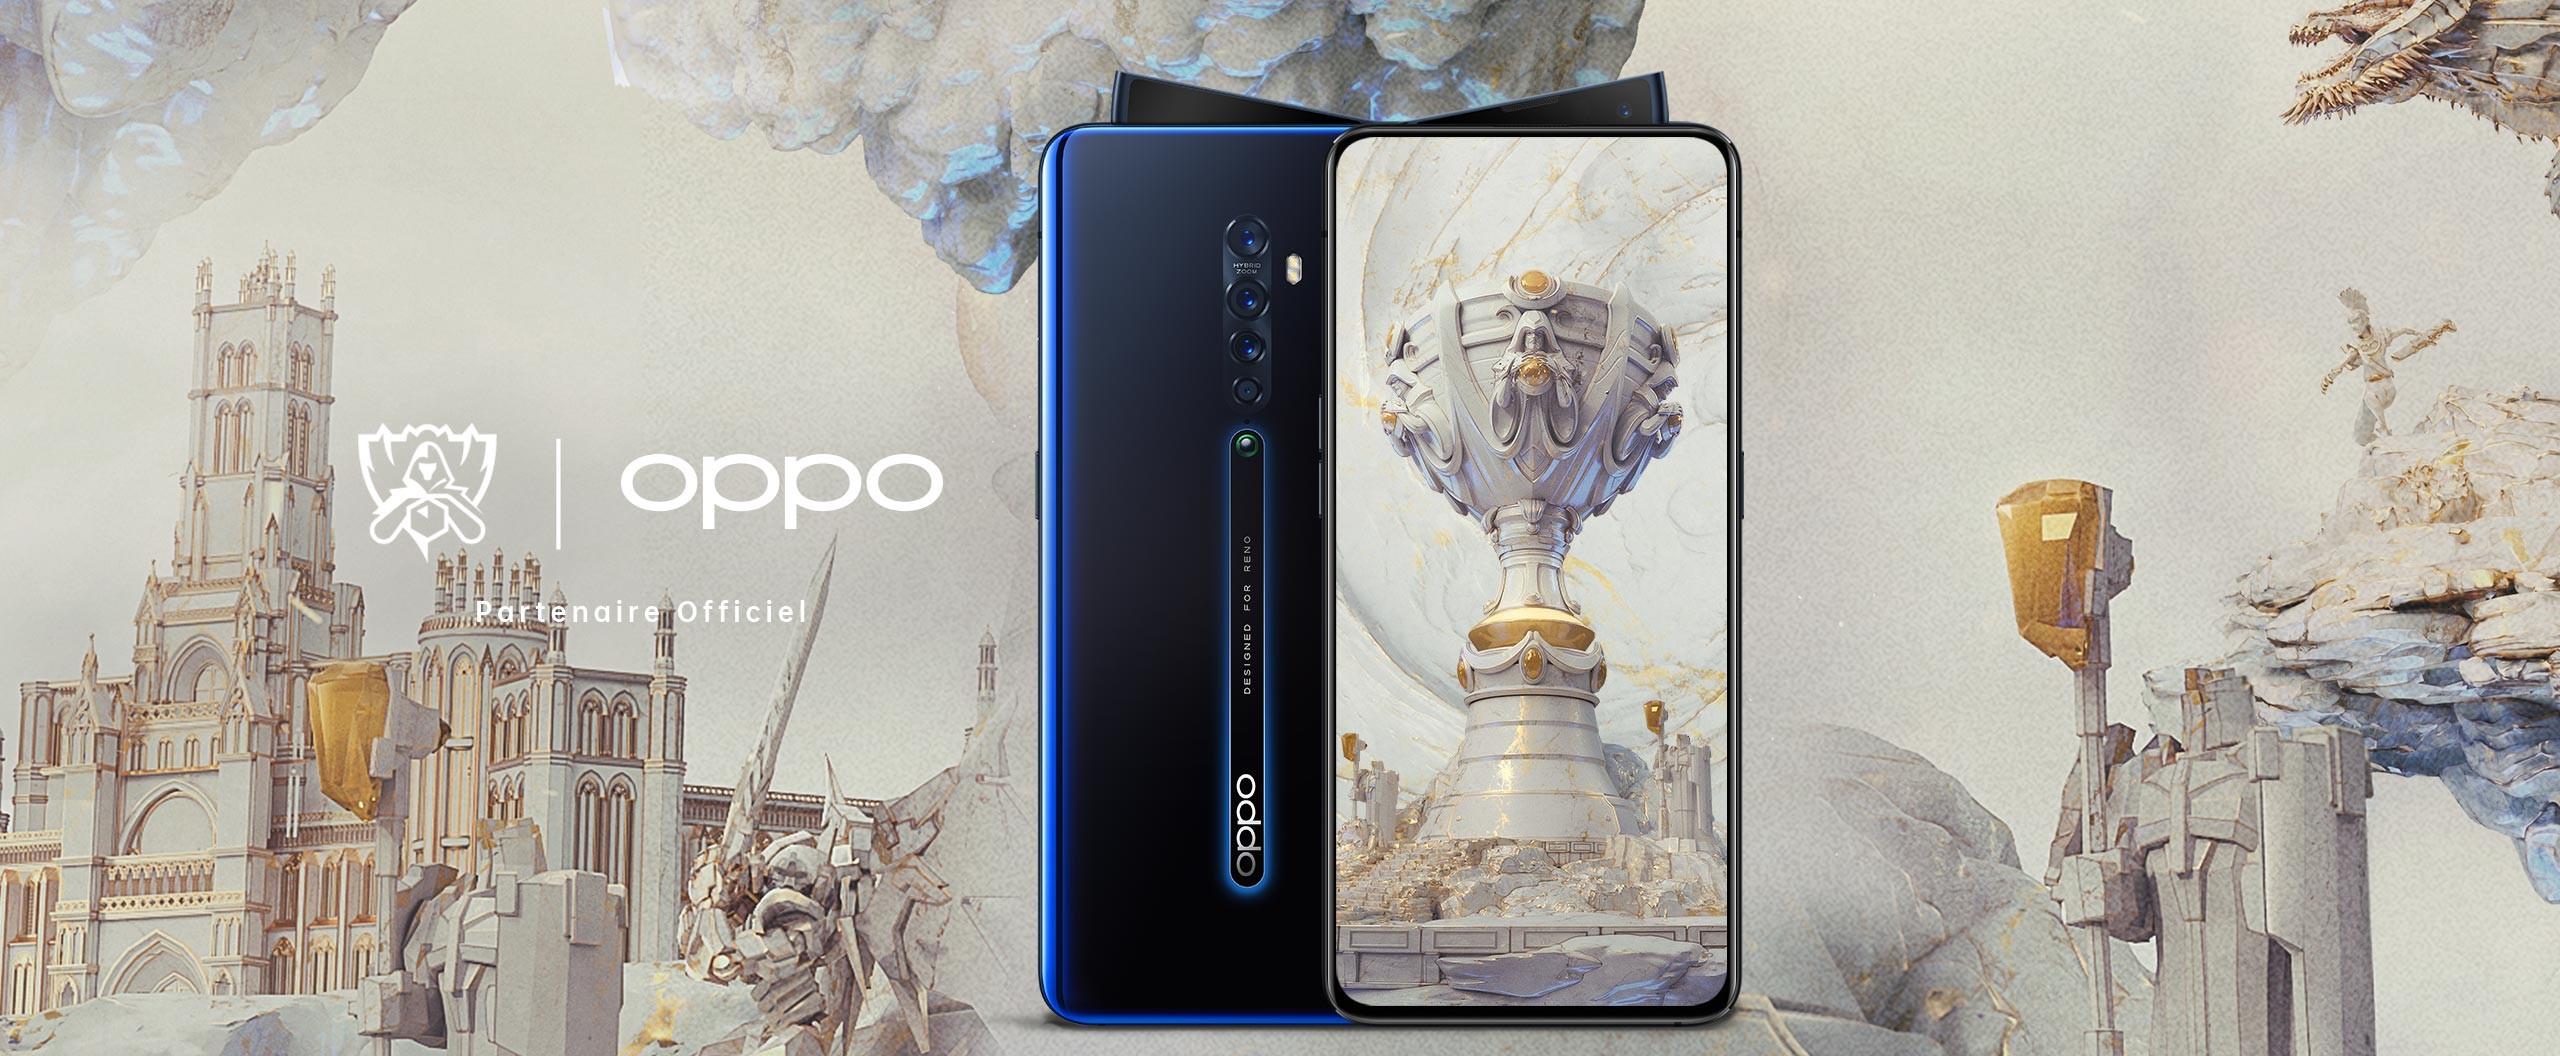 OPPO dévoile le dispositif inédit qui sera mis en place dans le cadre de son partenariat avec League of Legends